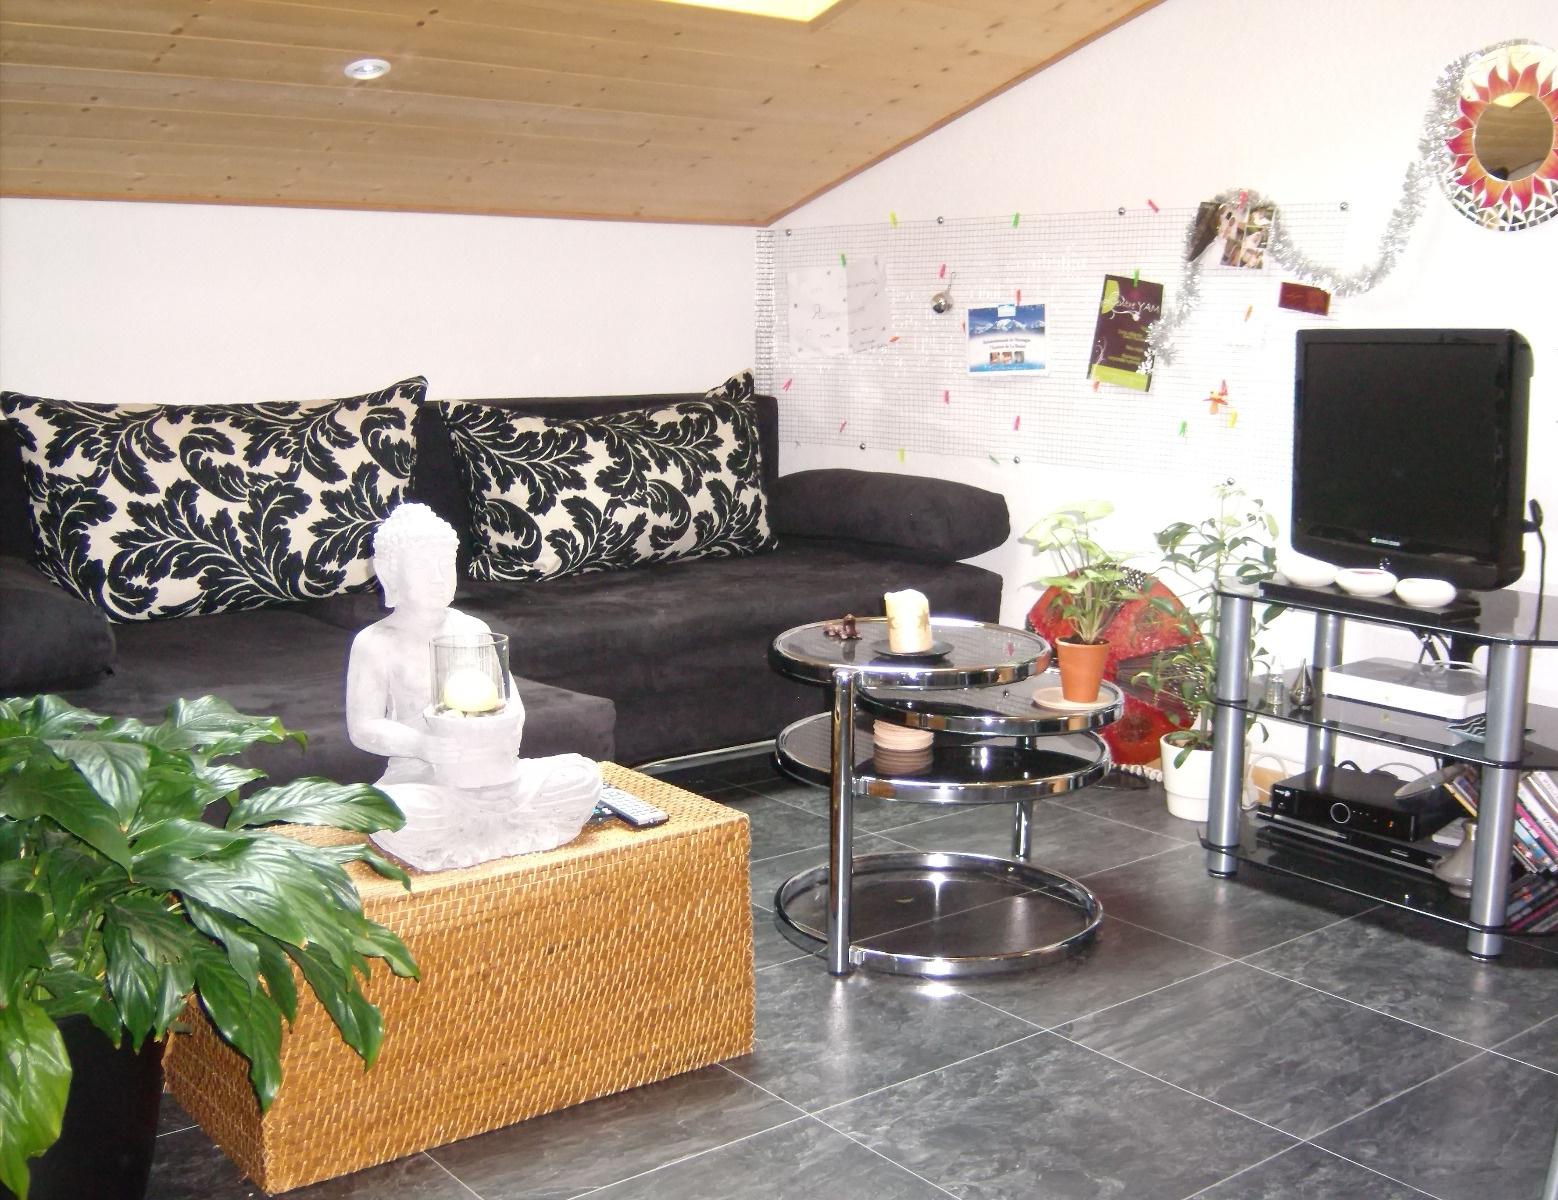 Location studio mbl sallanches prox hopital piscine - Piscine sallanches ...